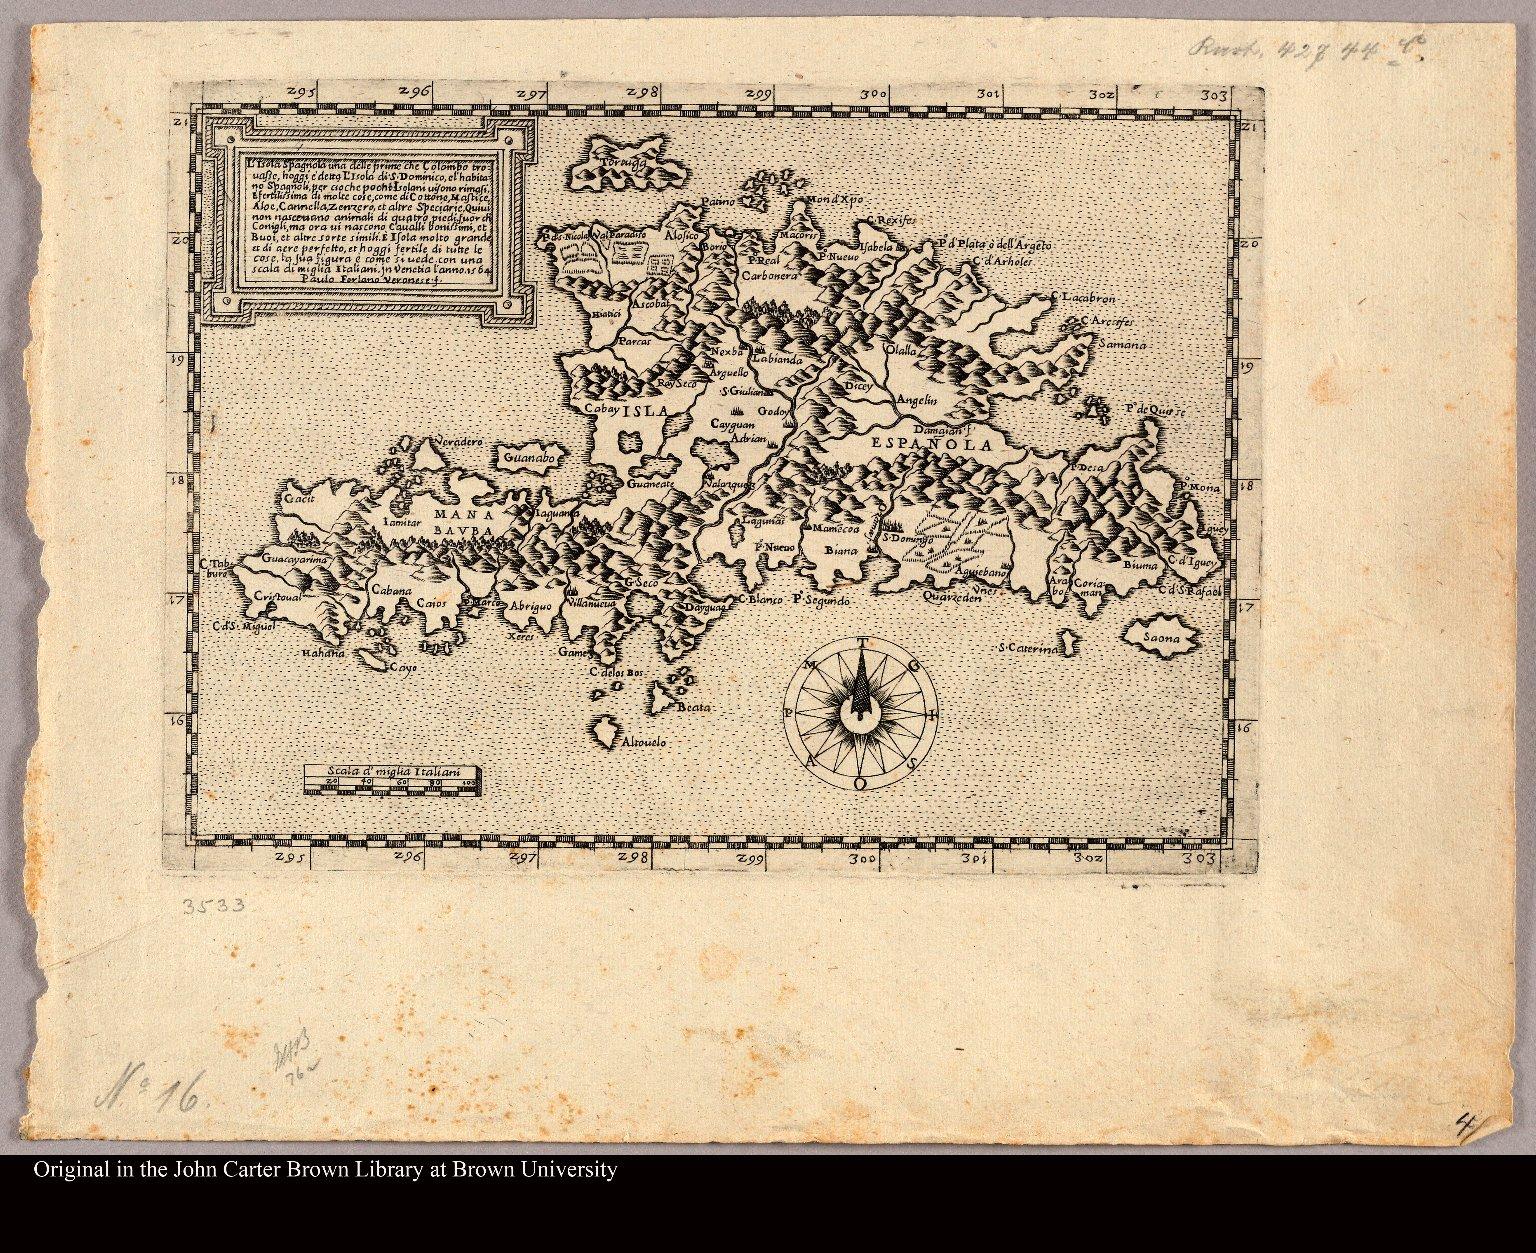 L'Isola Spagnola una delle prime che Colombo trouasse, hoggi è detta L'Isola di S. Dominico, el' habitano Spagnoli, per cioche pochi Isolani uisoni rimasi, È fertilissima di molte cose, come di Cottone, Mastice, Aloe, Cannella, Zanzero, et altre Speciari ... Venetia l'anno 1564. Paulo Forlano Veronese .f.